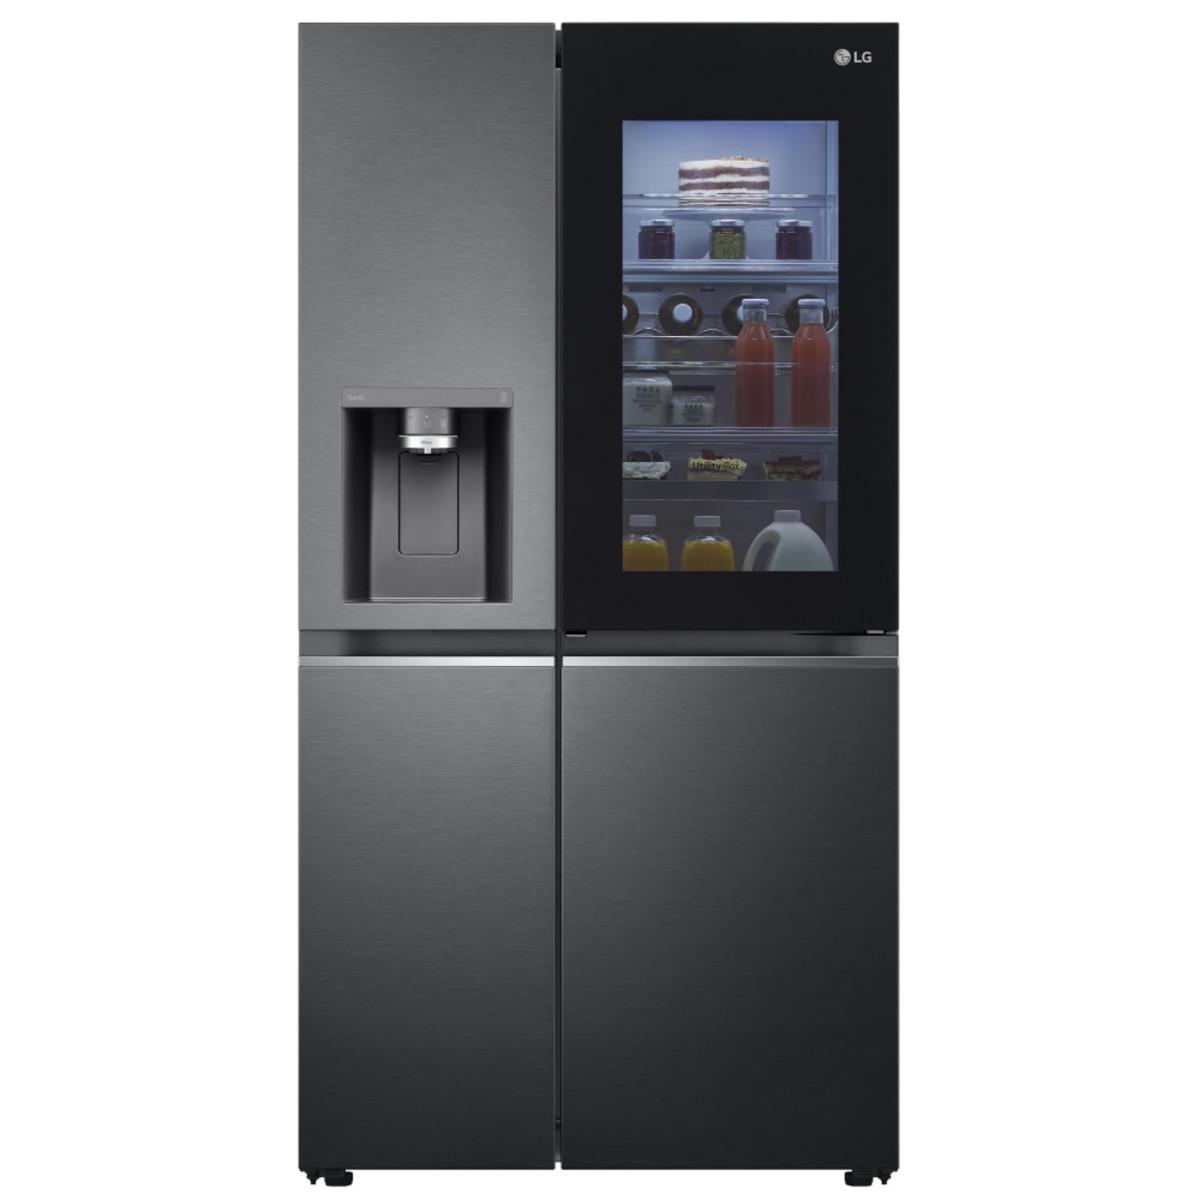 LG GSXV90MCAE InstaView 635L Door-in-Door Fridge Freezer, Matte Black